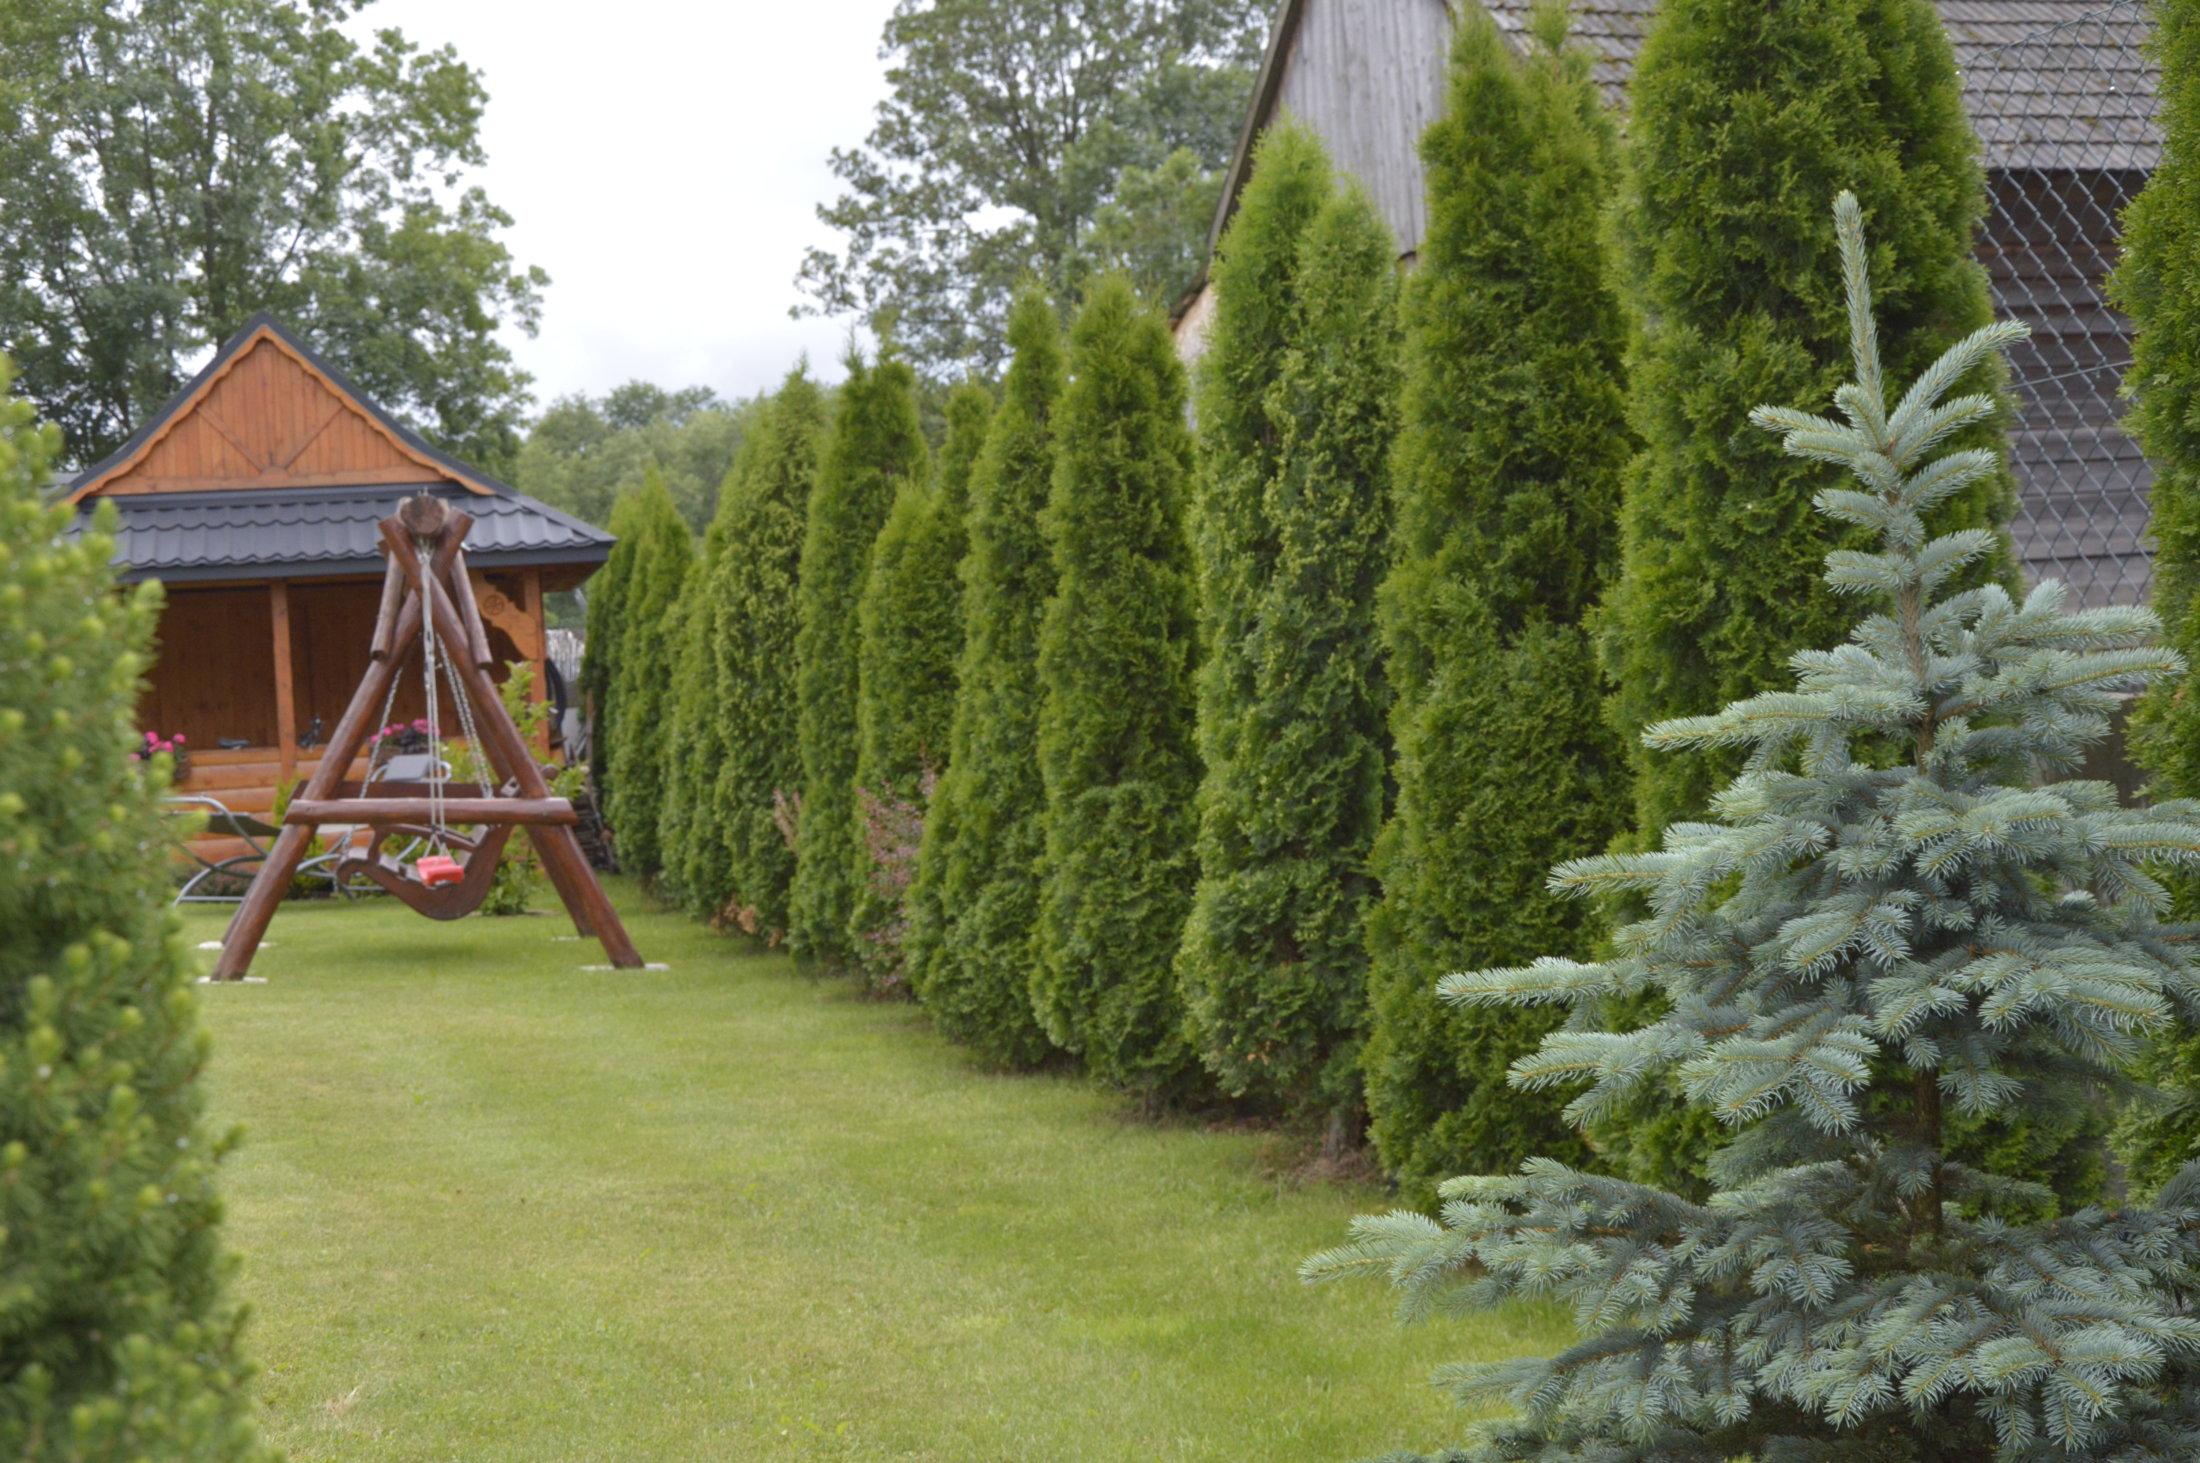 realitydesigner_pl- huśtawka z bali kompozycja iglaki ogród